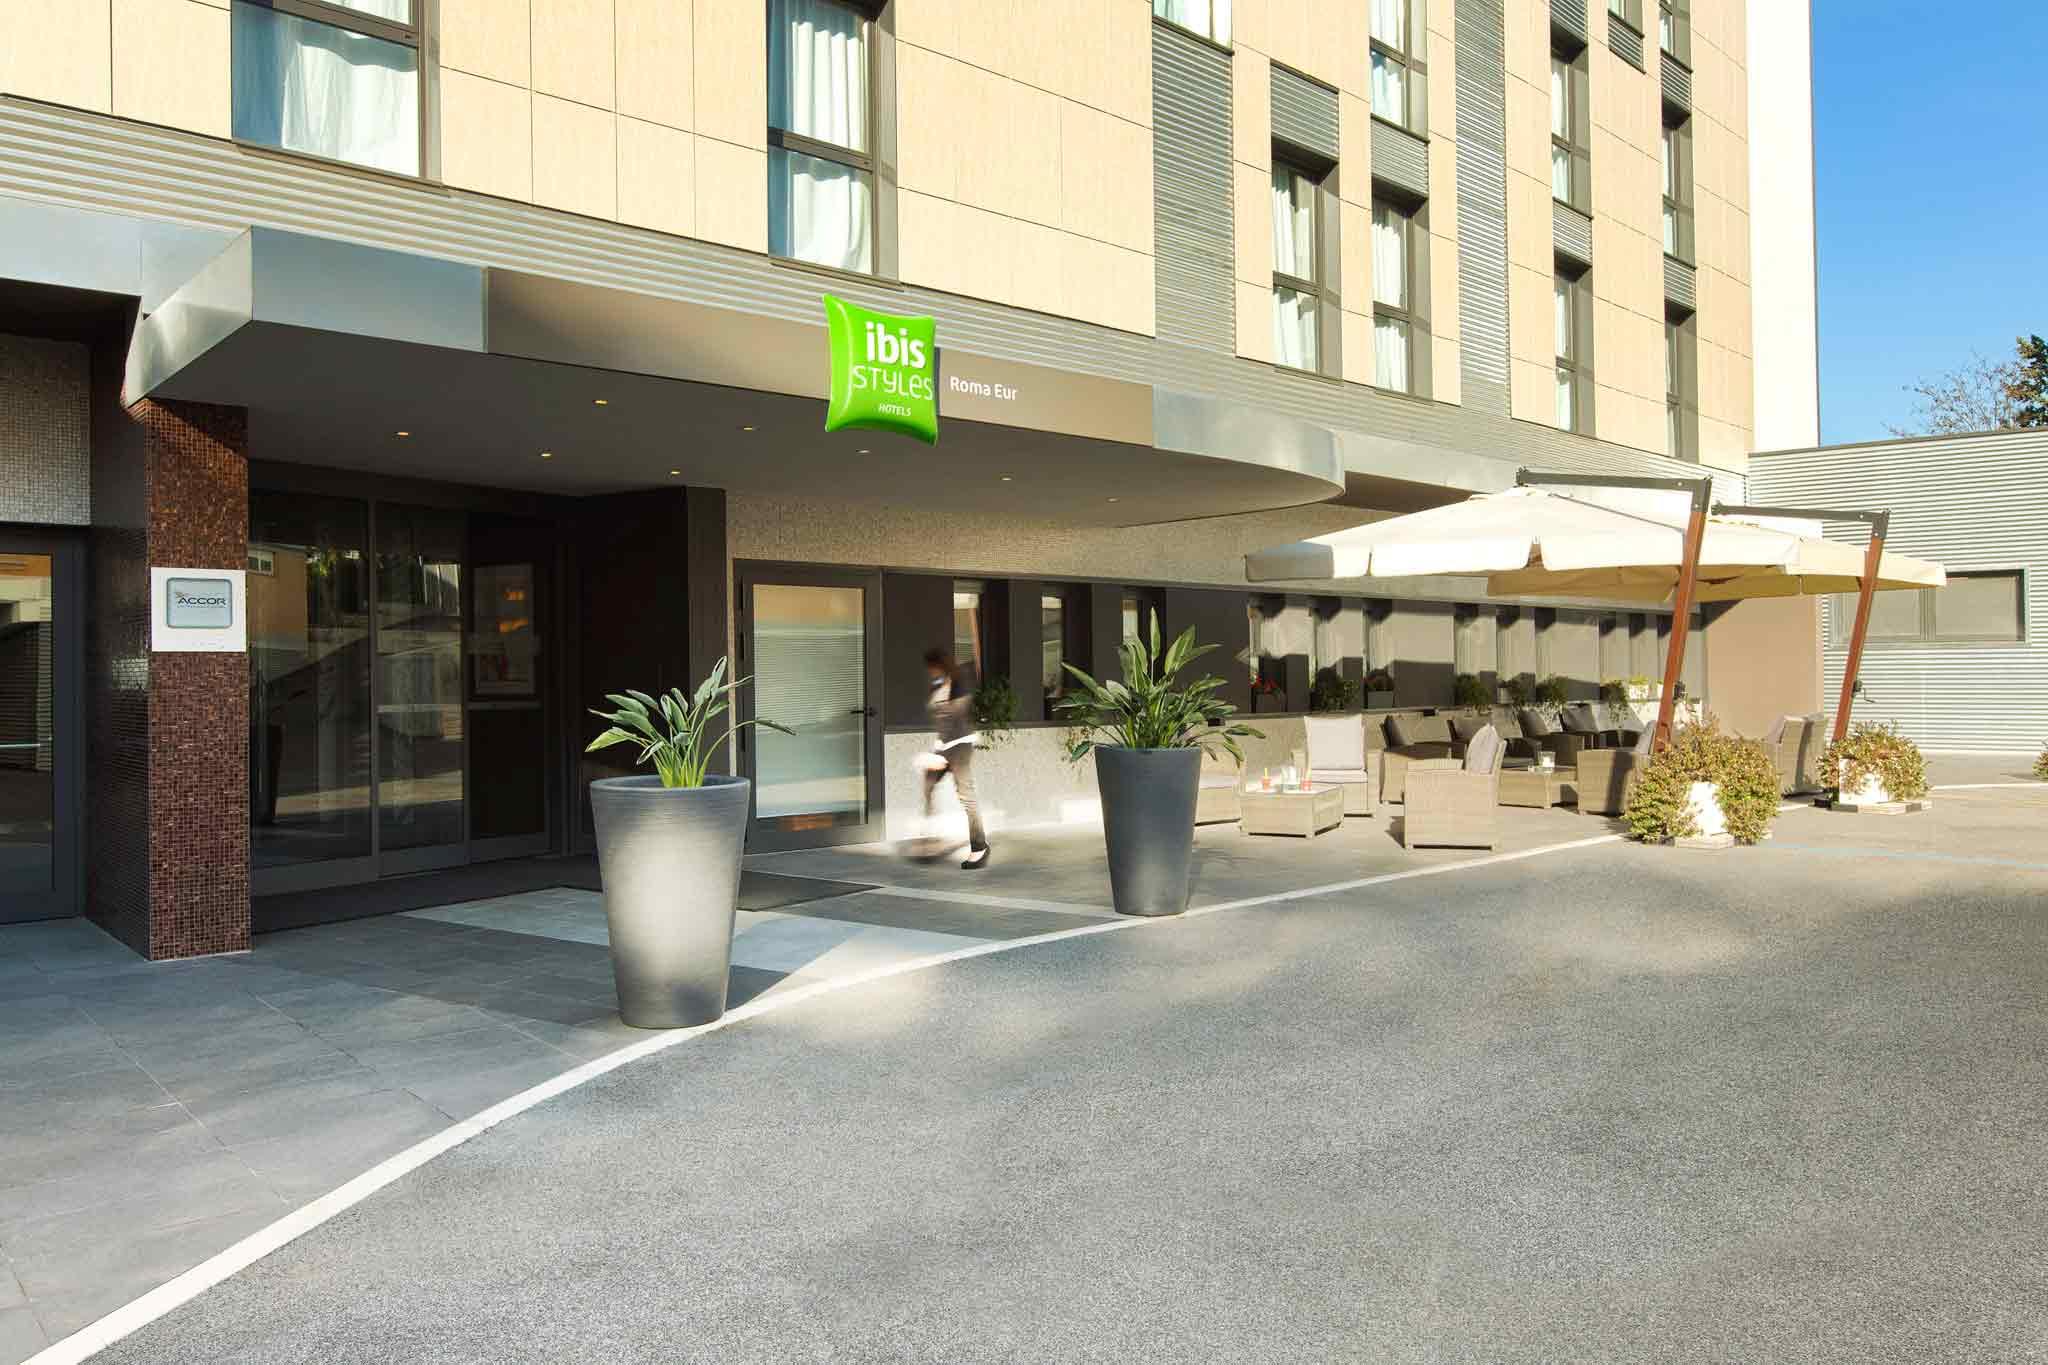 Hotel - ibis Styles Roma Eur